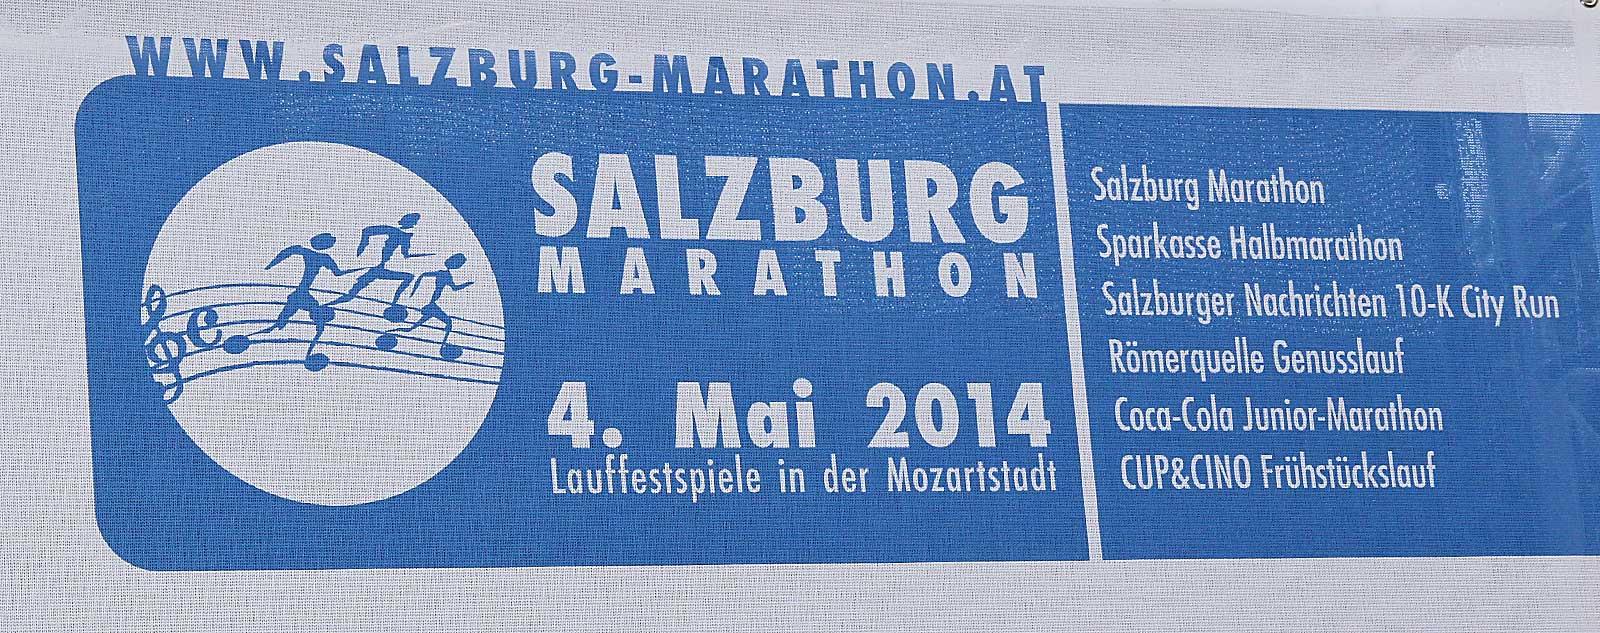 Salzburg-Cityguide - Fotoarchiv - 14_05_04_salzburgmarathon_zuschauerteilnehmer_001